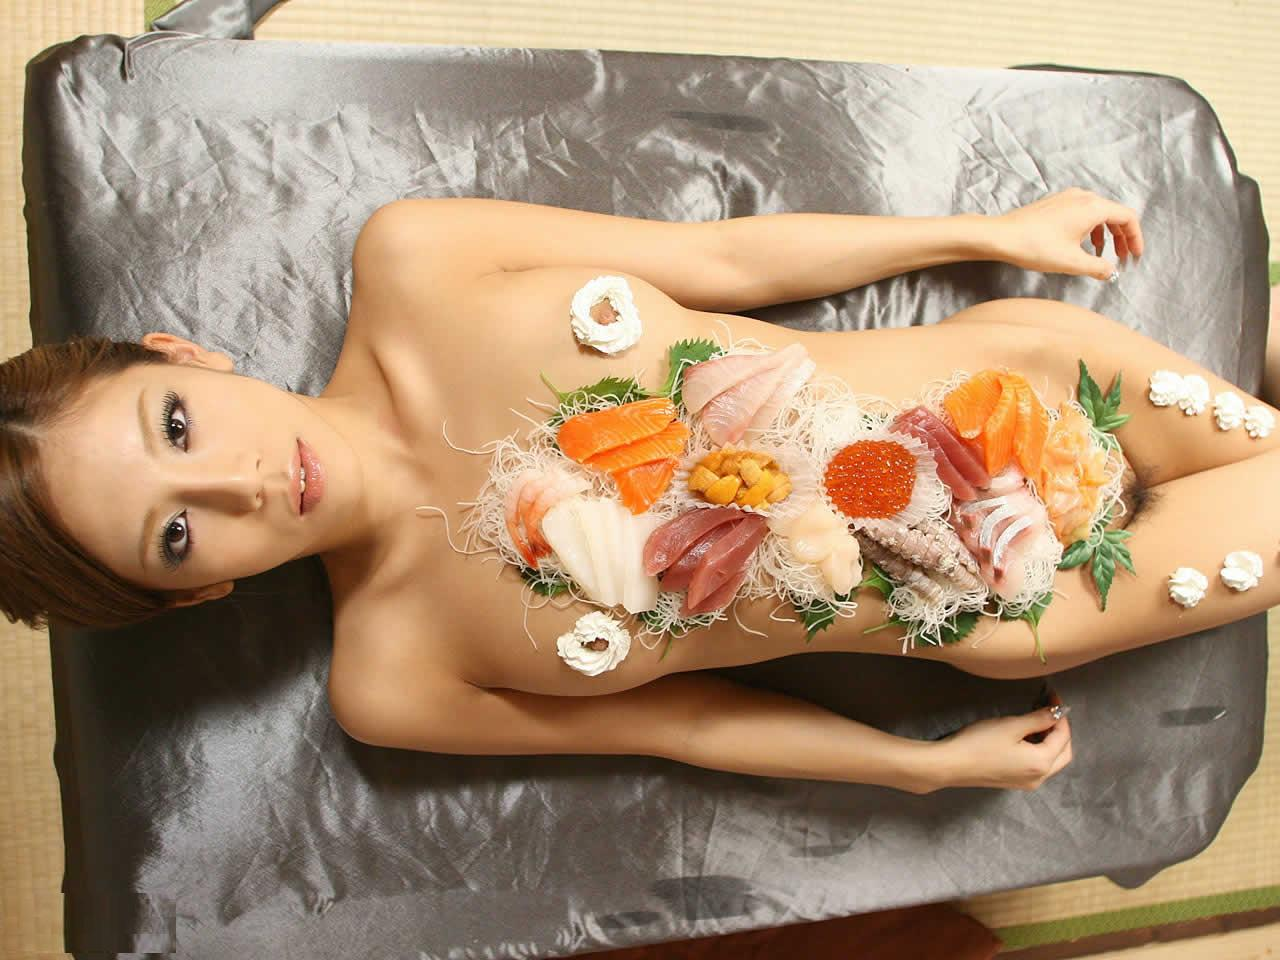 【羞恥エロ画像】宴会で一度はやってみたい、ハイソな変態さん御用達の女体盛り(;´Д`)